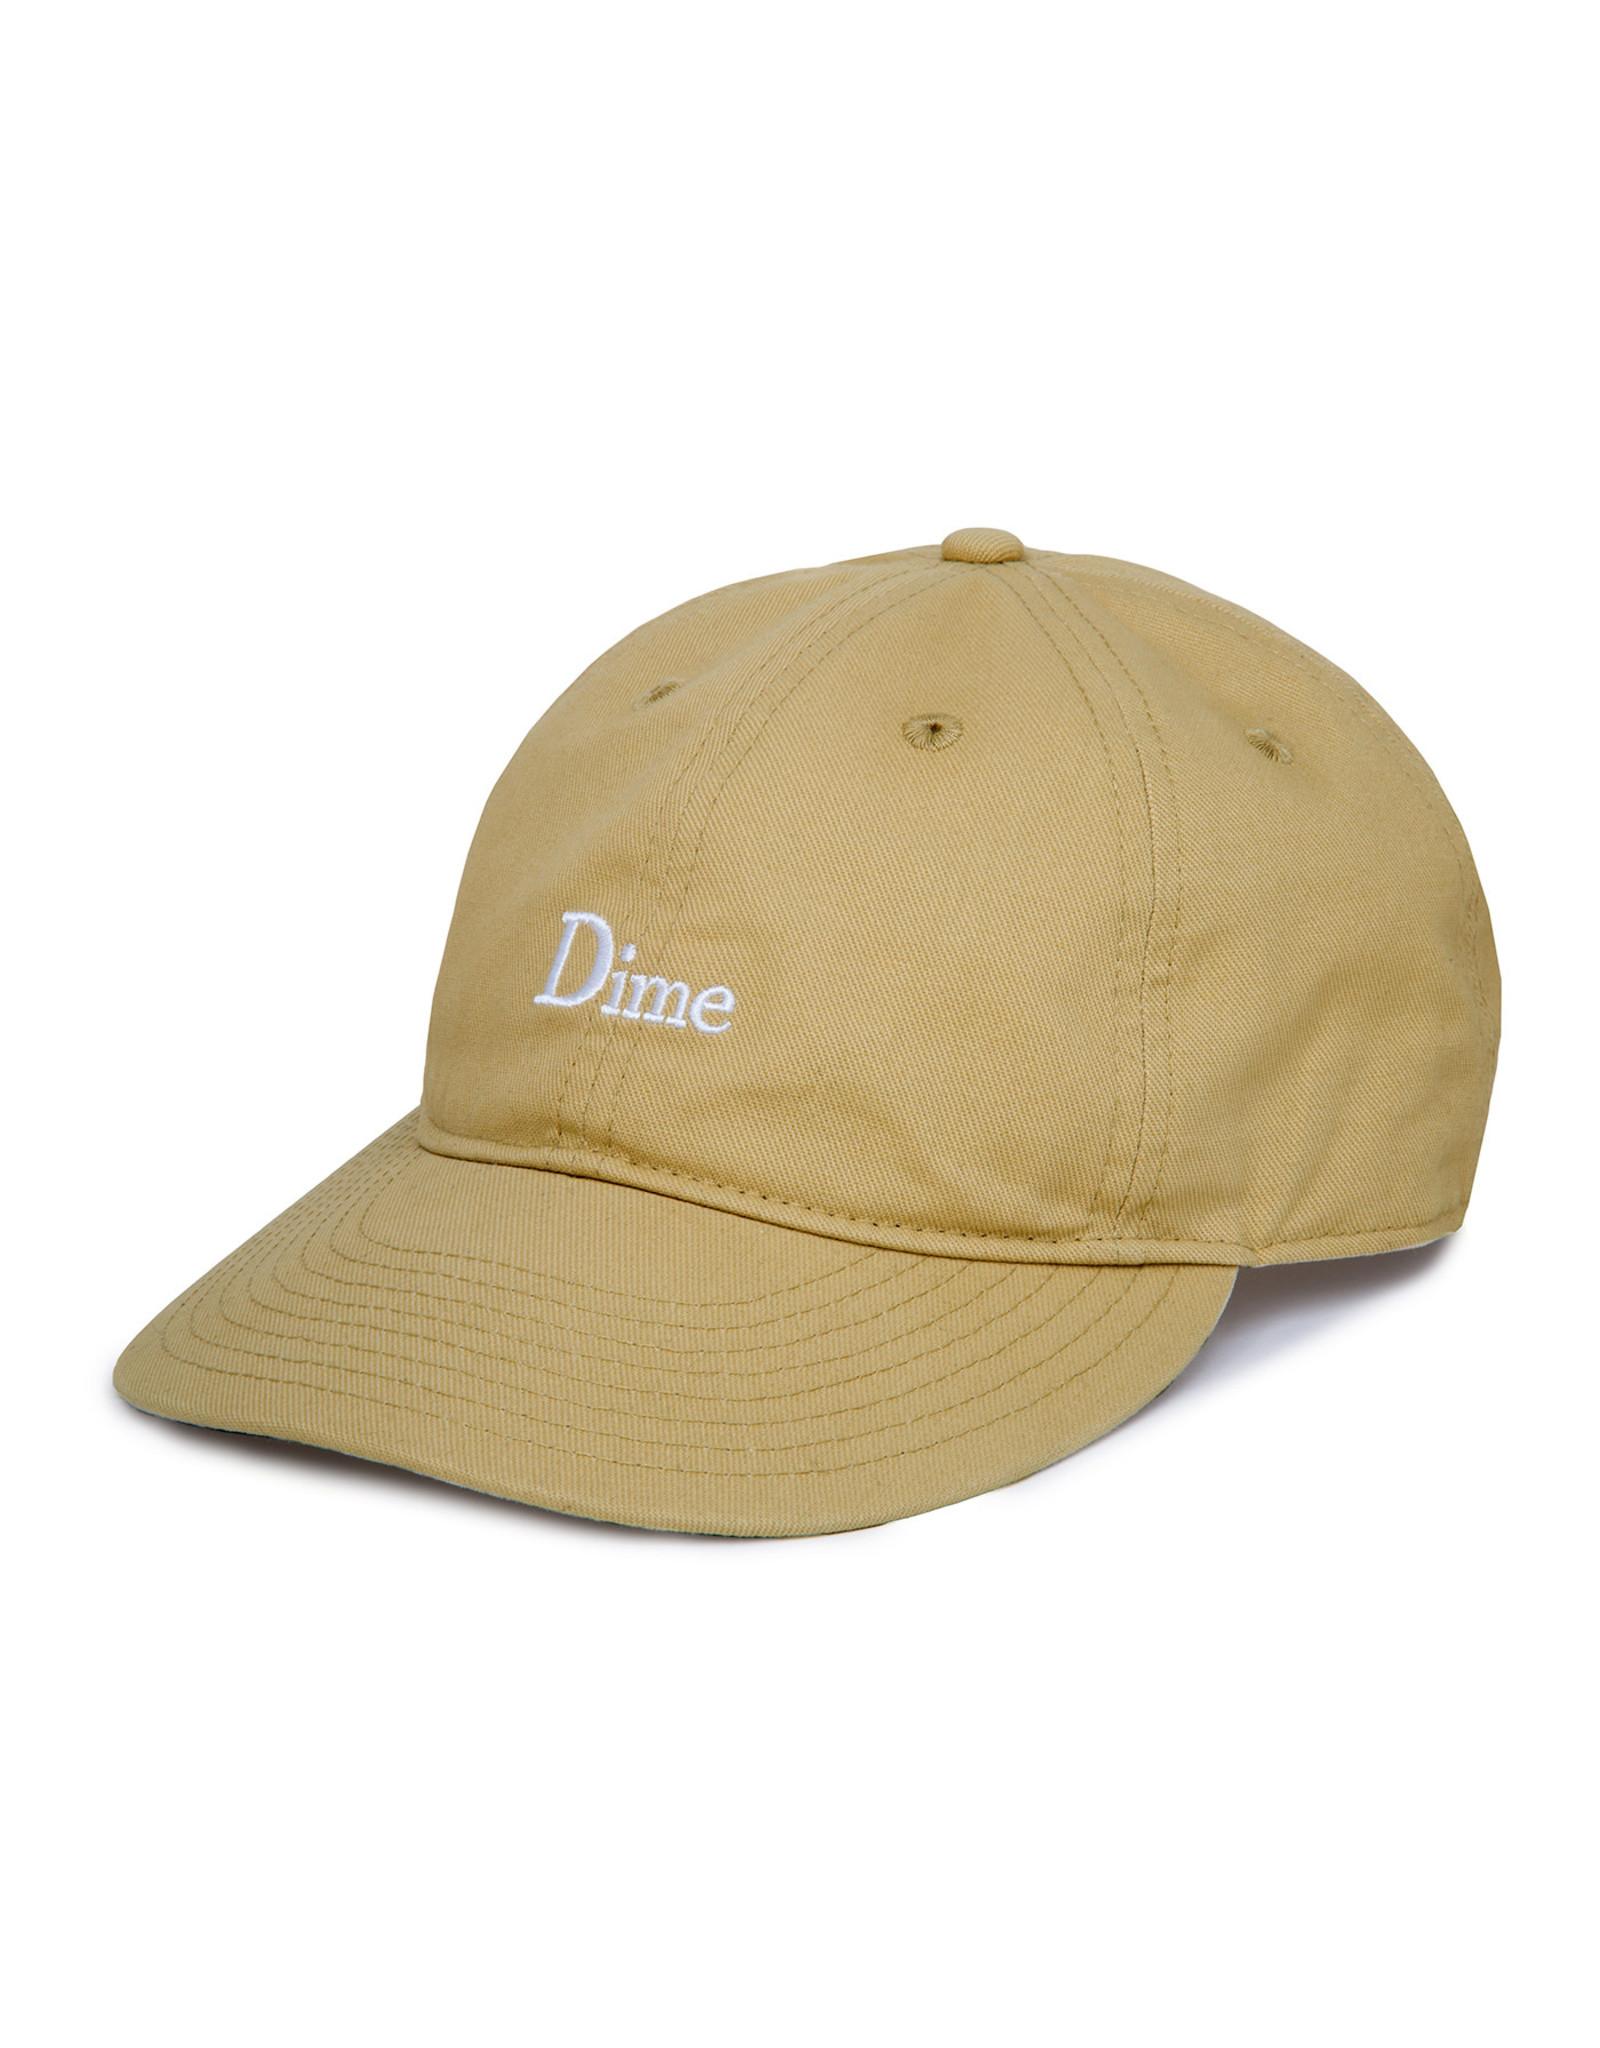 DIME CAP CREAM